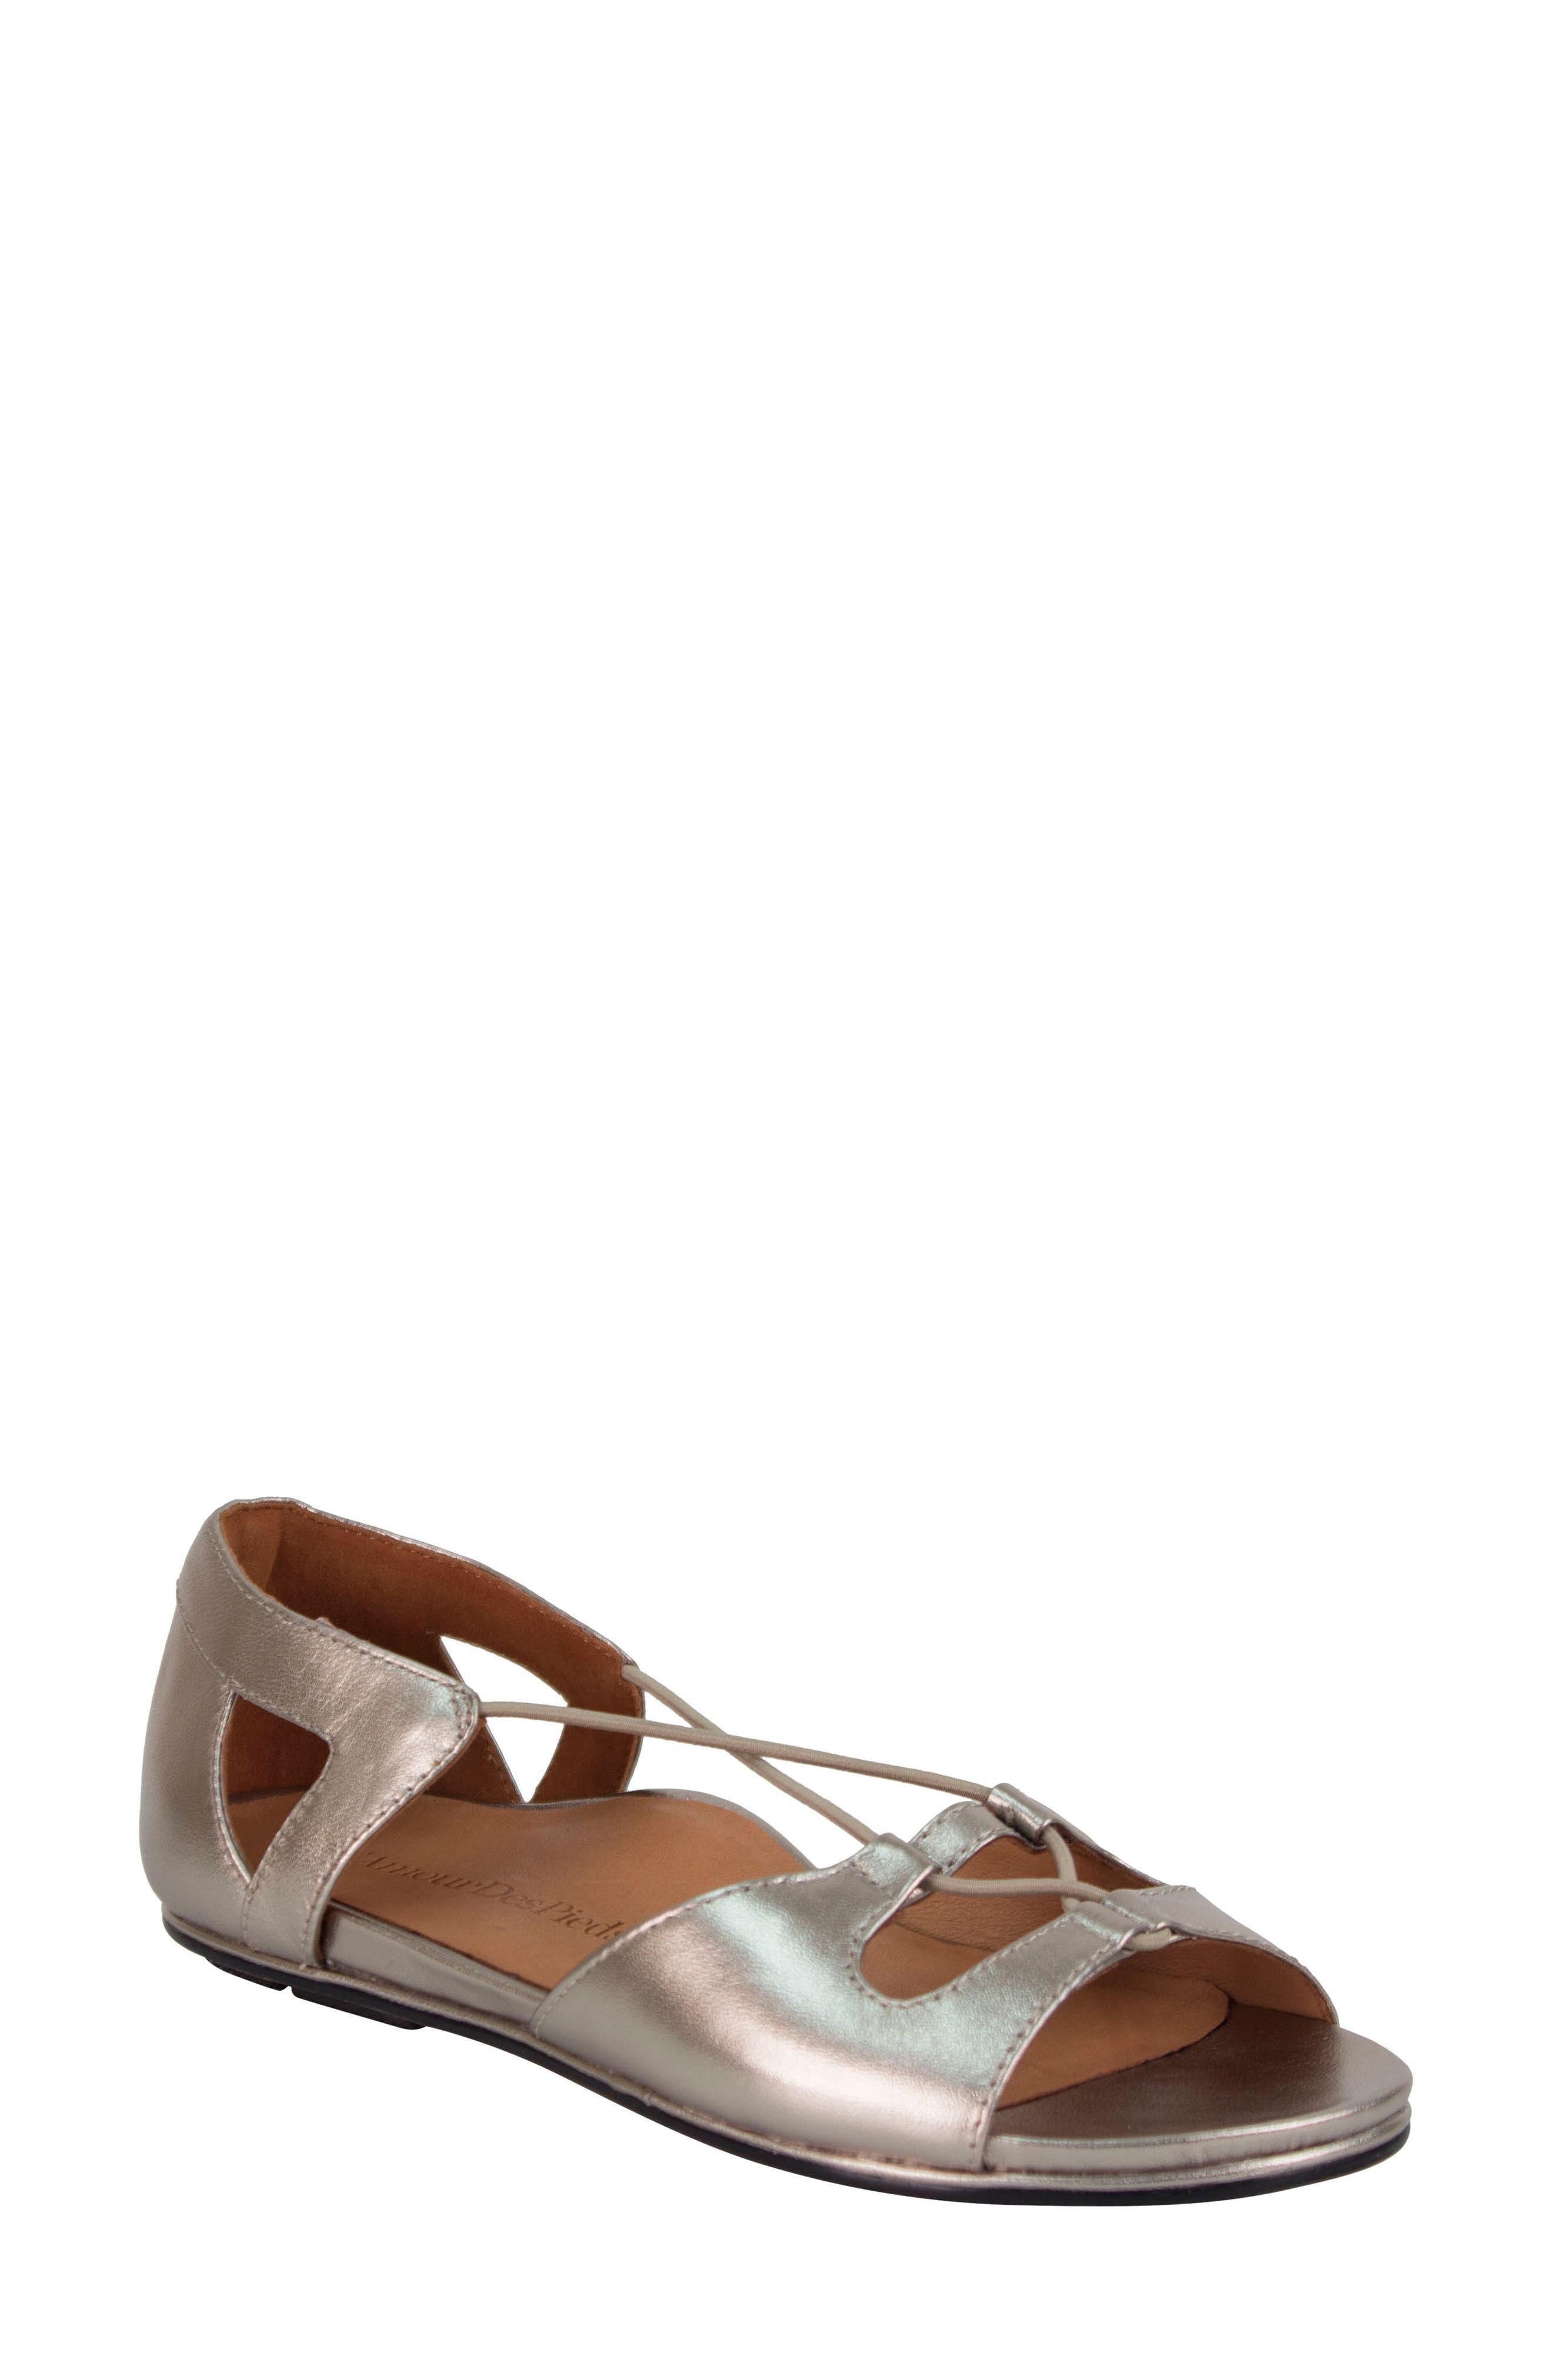 L'AMOUR DES PIEDS 'Darron' Sandal, Main, color, PEWTER LEATHER